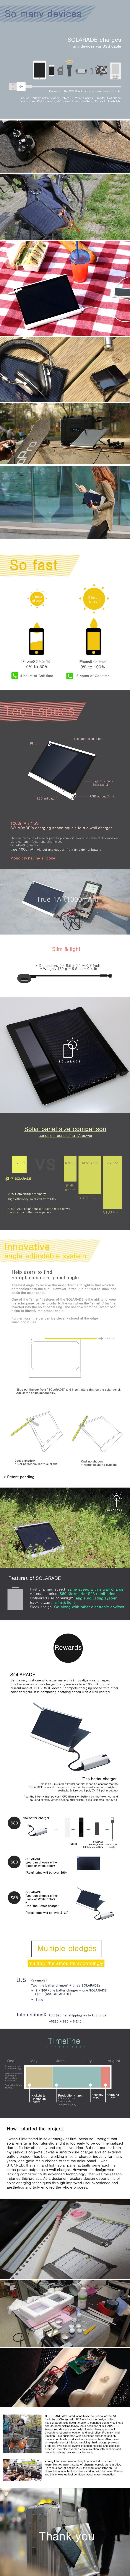 Solarade Information